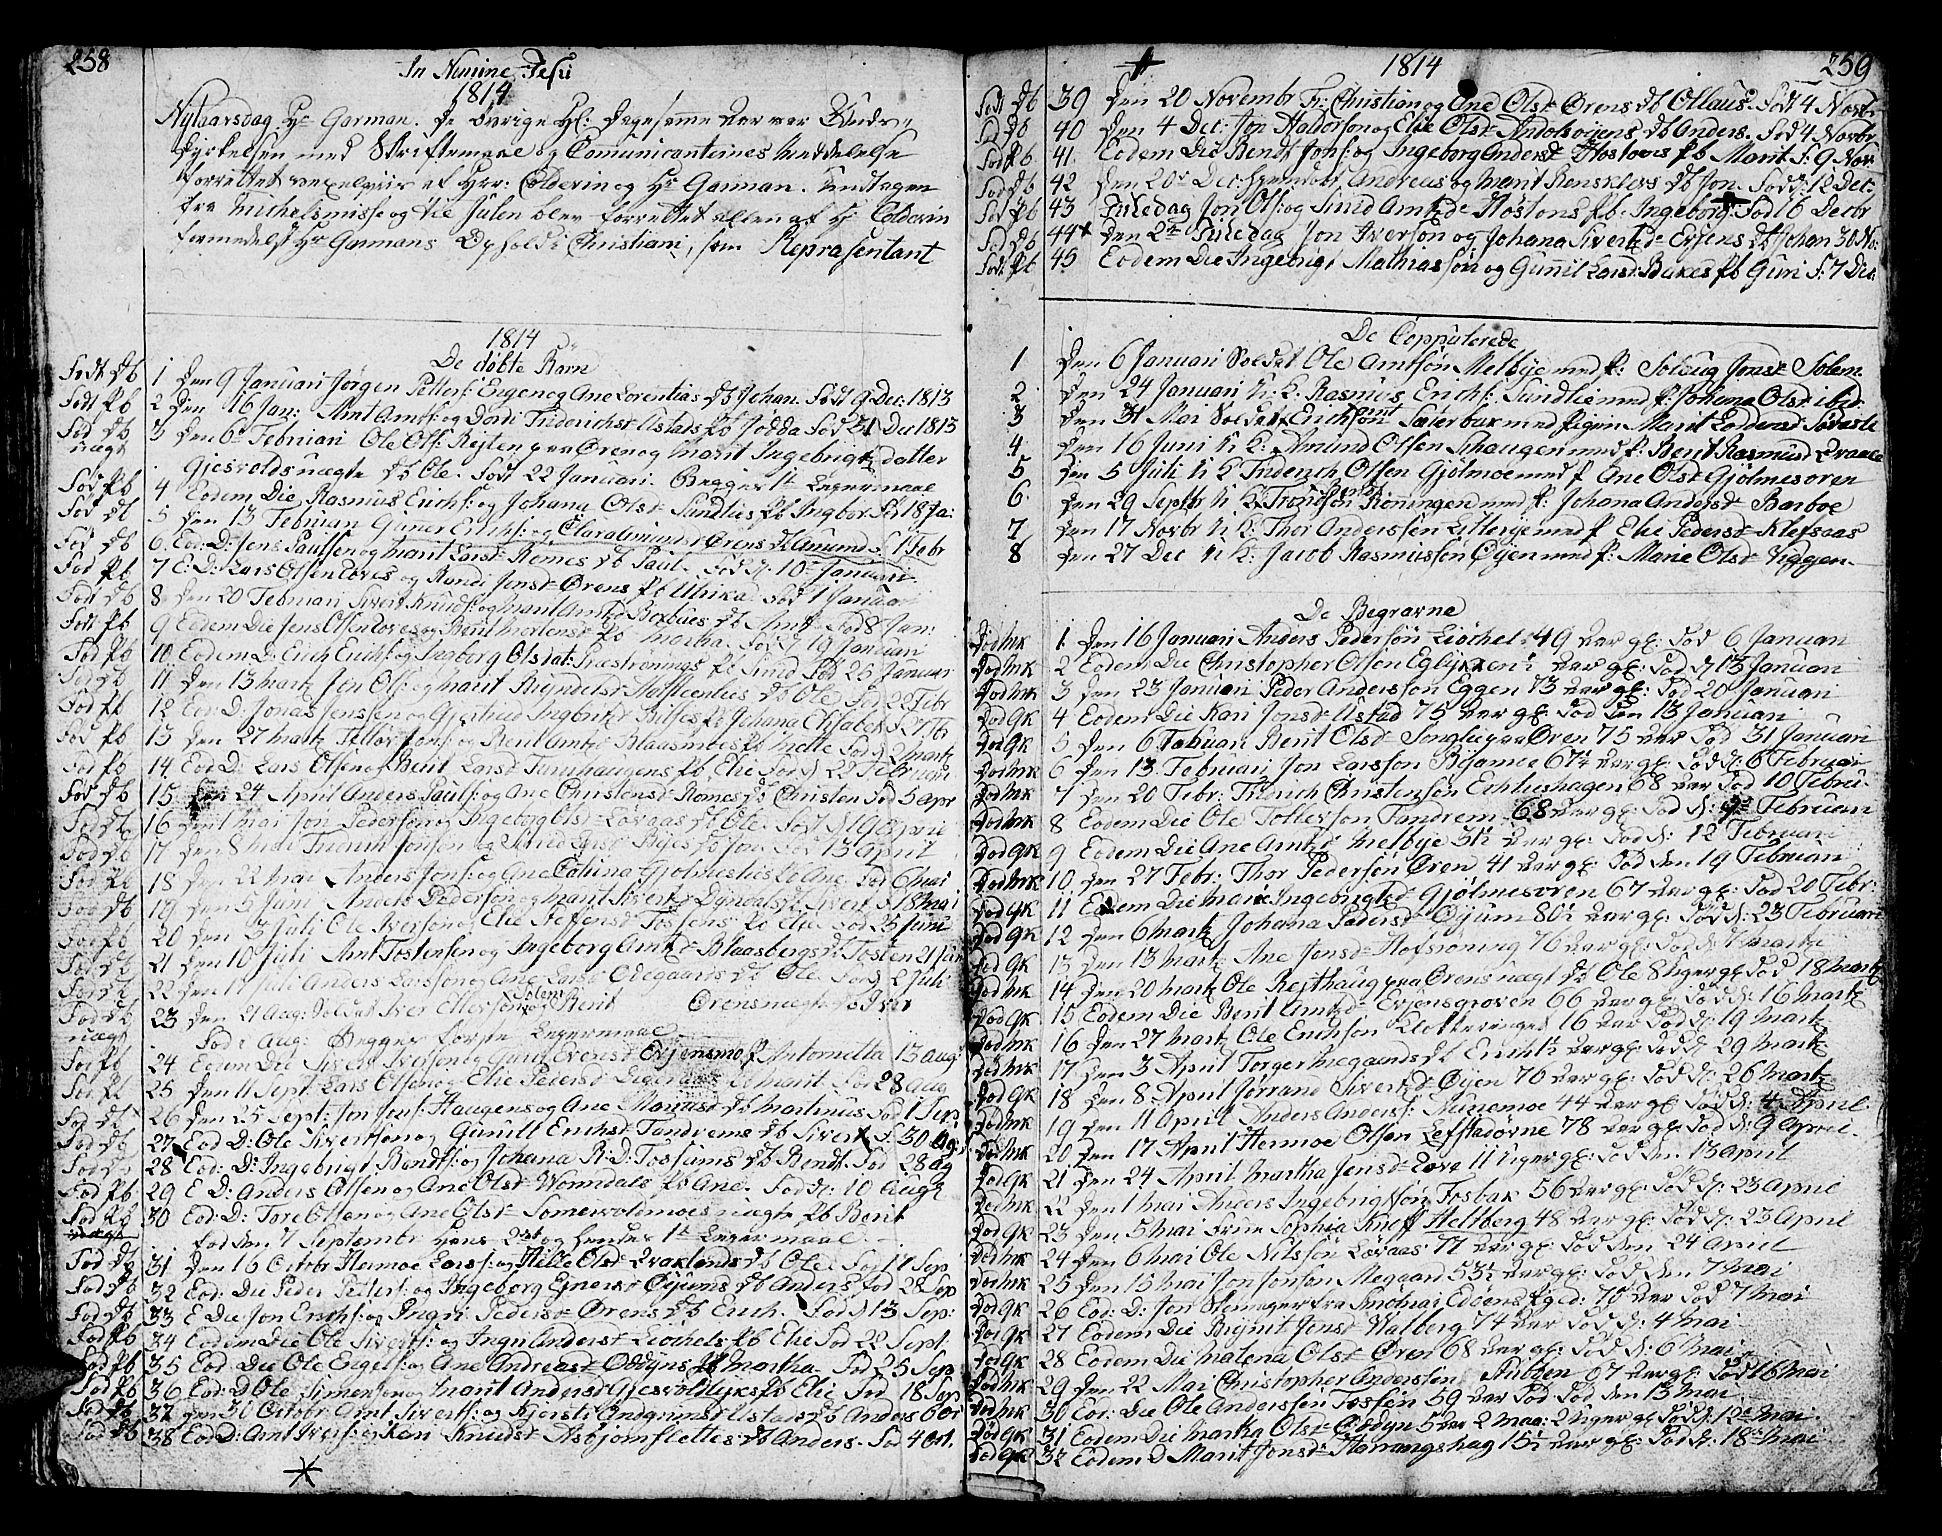 SAT, Ministerialprotokoller, klokkerbøker og fødselsregistre - Sør-Trøndelag, 668/L0815: Klokkerbok nr. 668C04, 1791-1815, s. 258-259